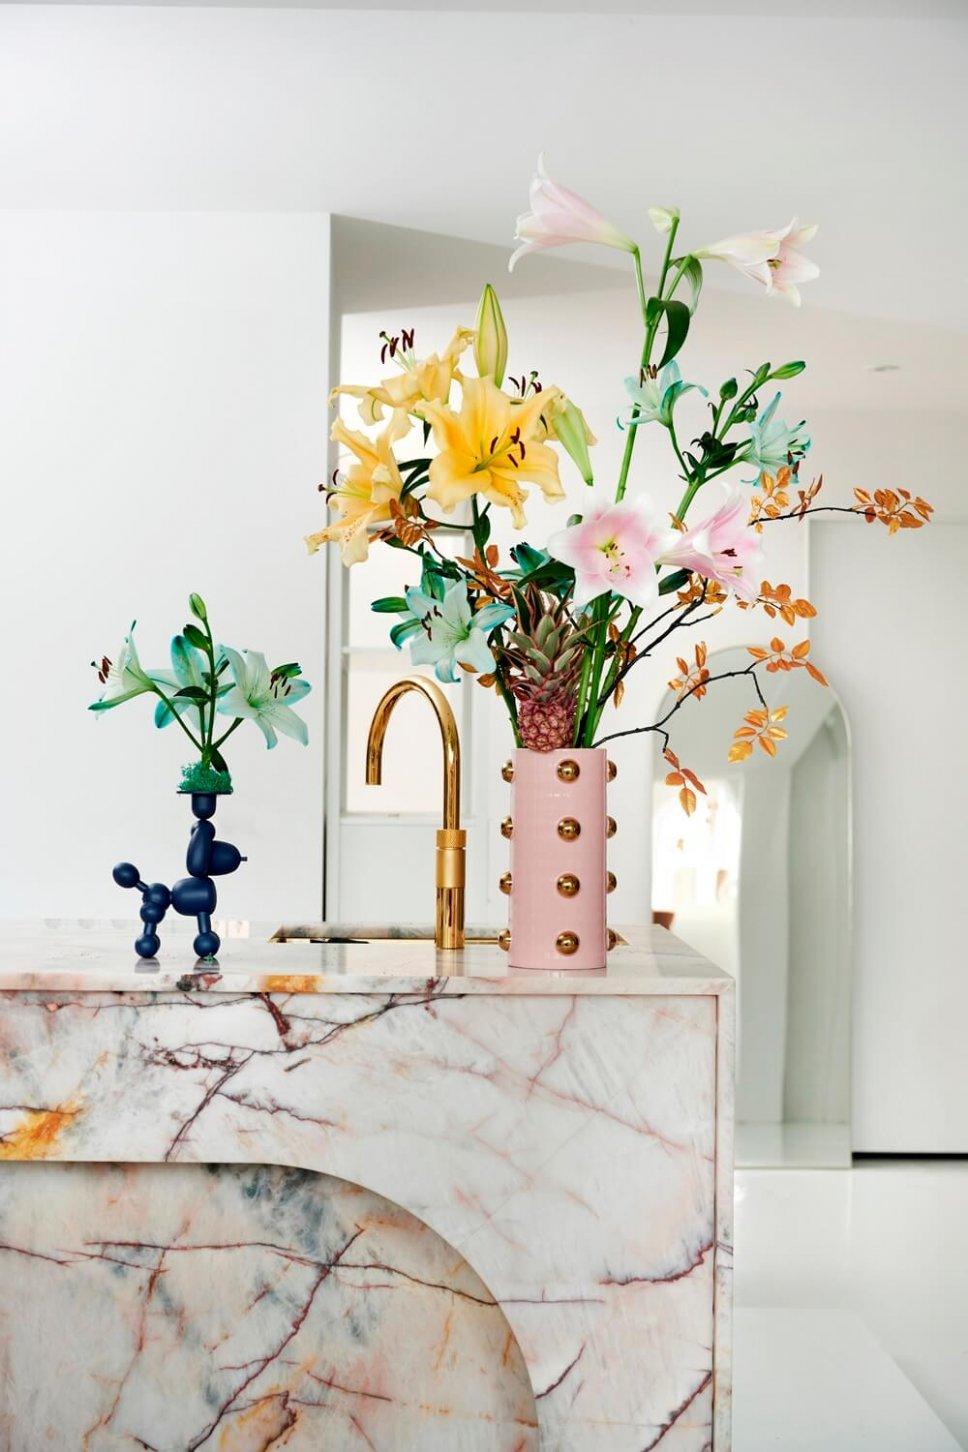 Moderne Küche mit ausgefallenen Vasen, gefüllt mit Lilie